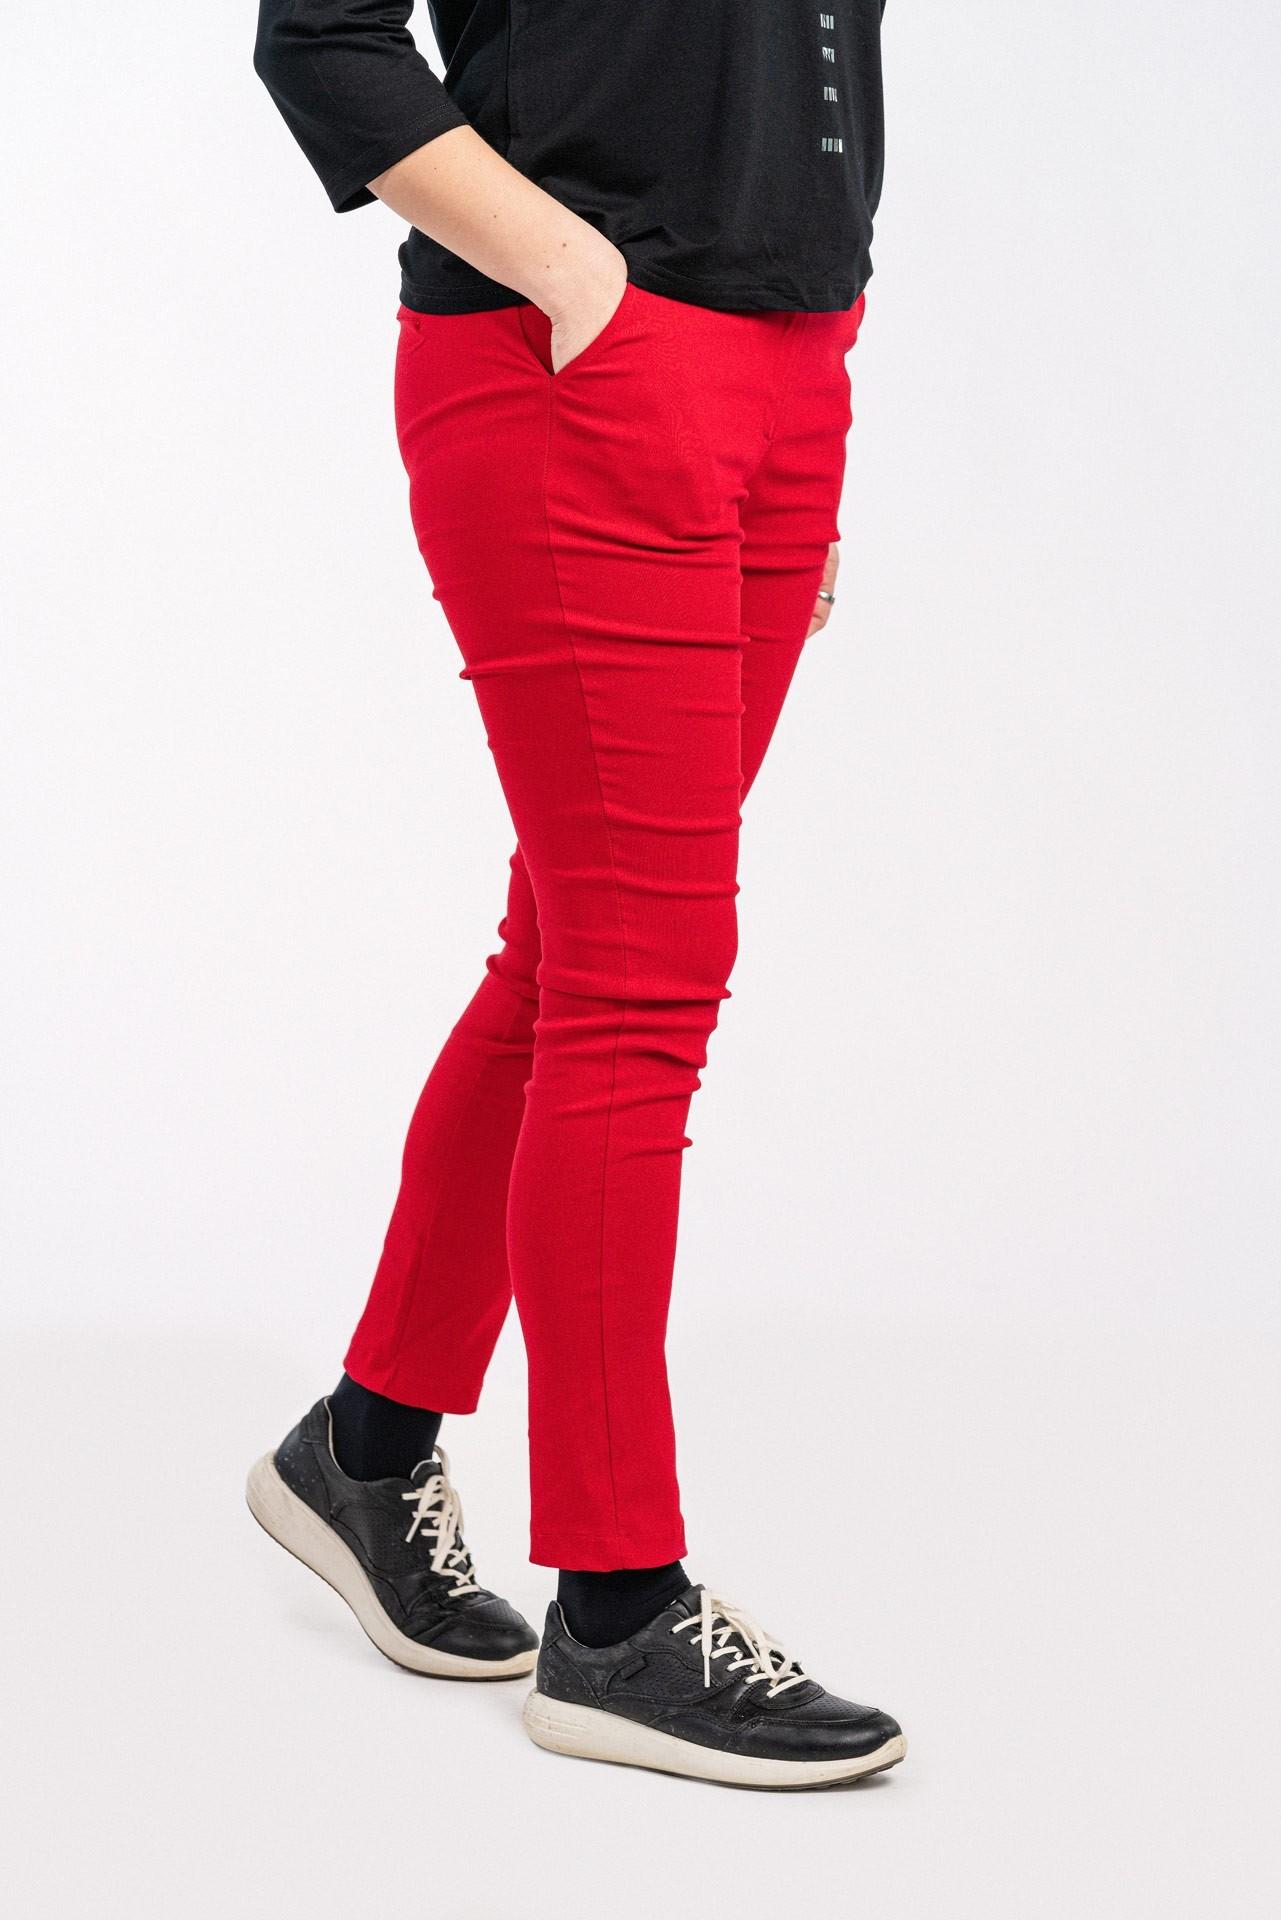 Dámské kalhoty COLORE